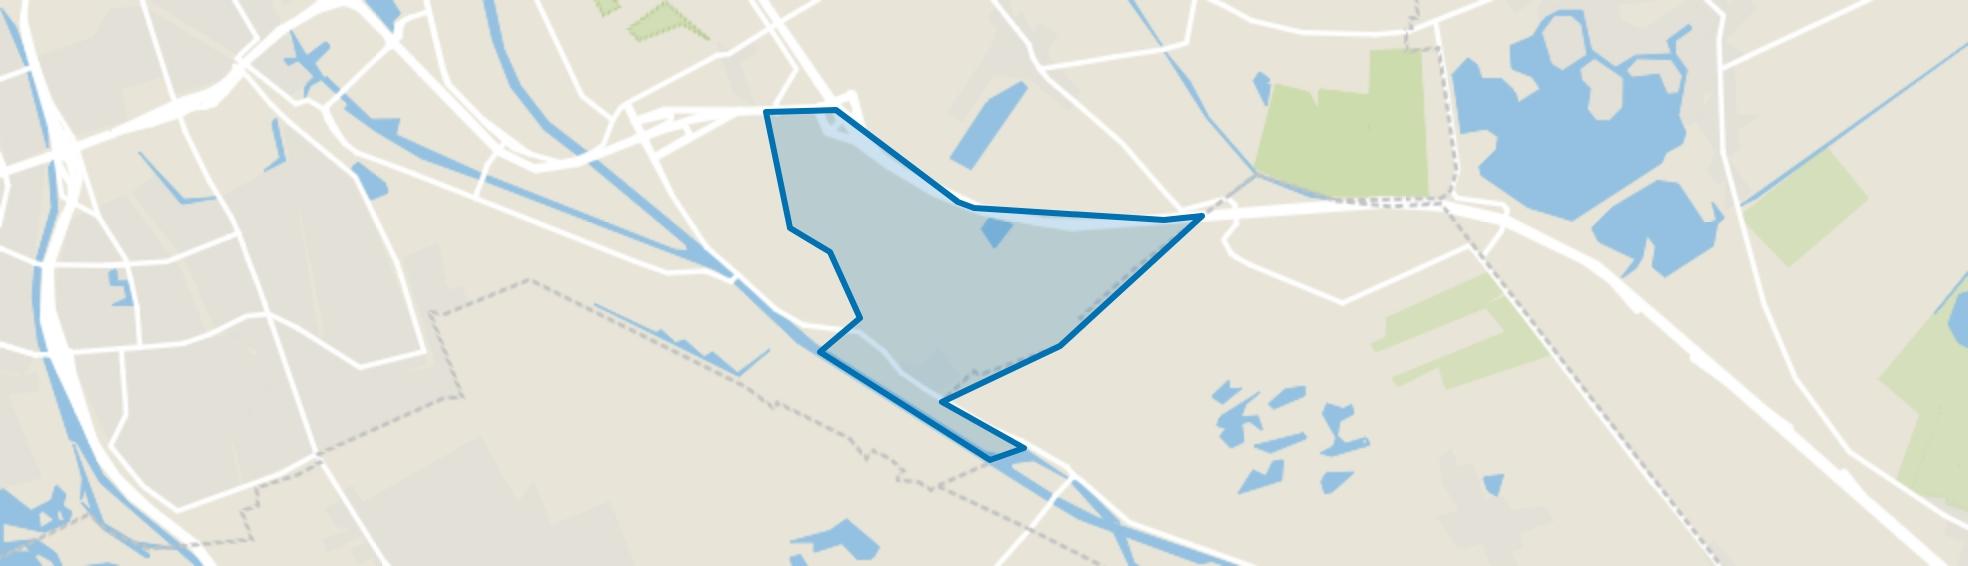 Roodehaan, Groningen map